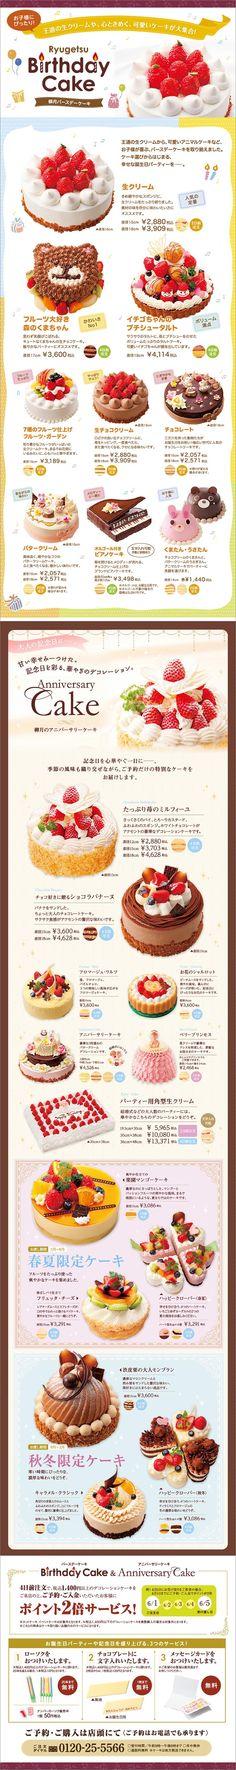 柳月バースデーケーキ